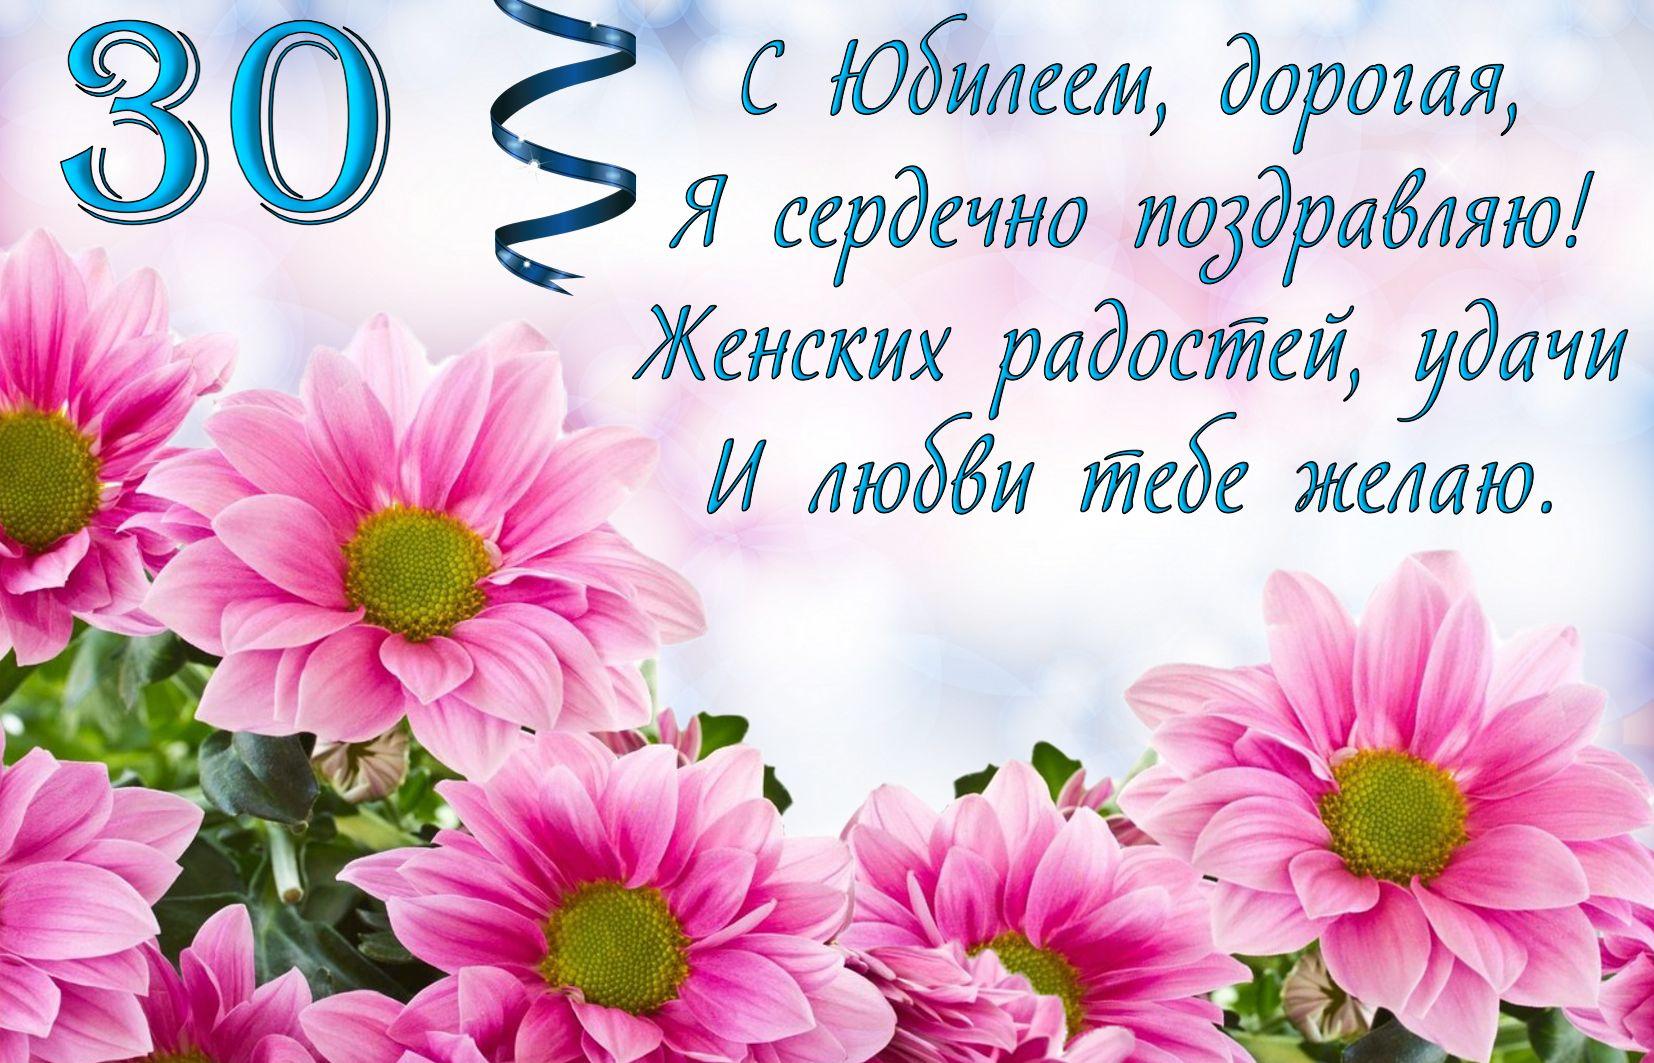 Открытка на юбилей 30 лет - пожелание женщине с красивыми цветами